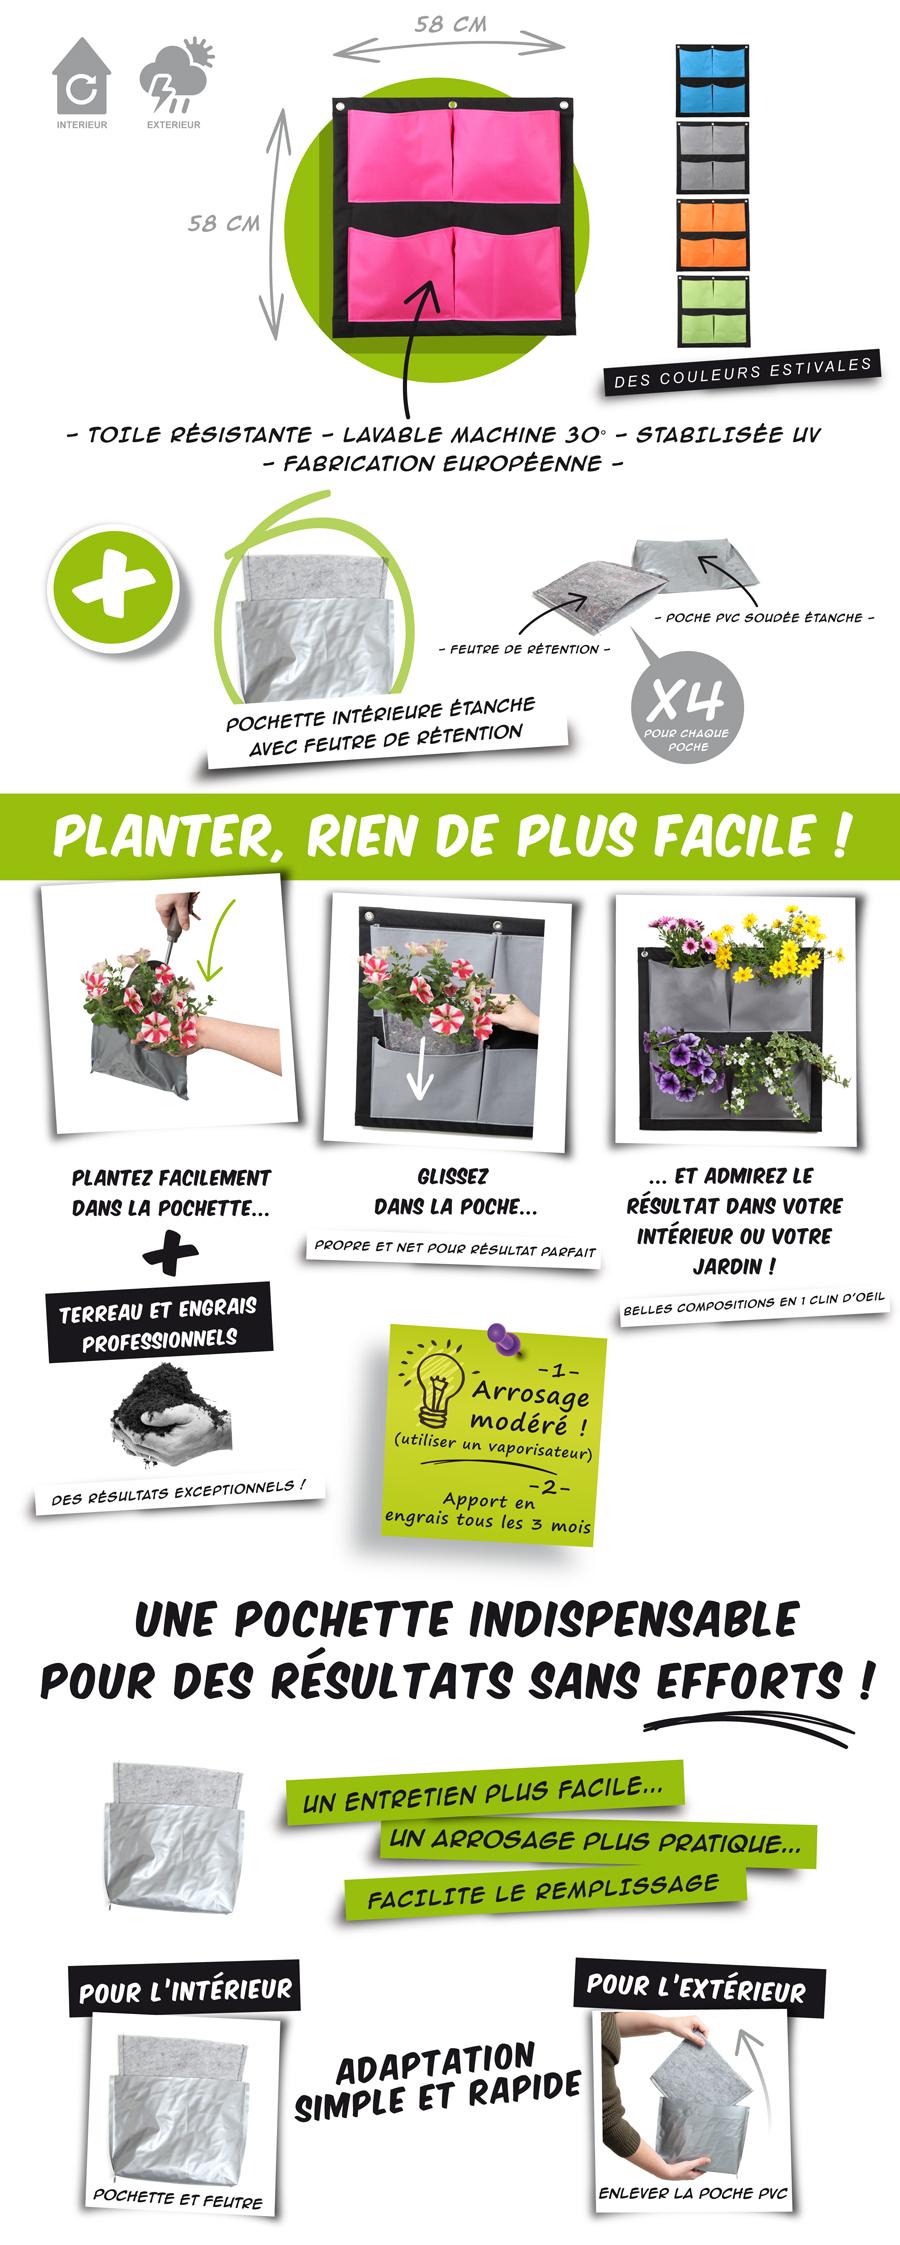 mur vegetal pour fleurir jardin interieur de votre maison